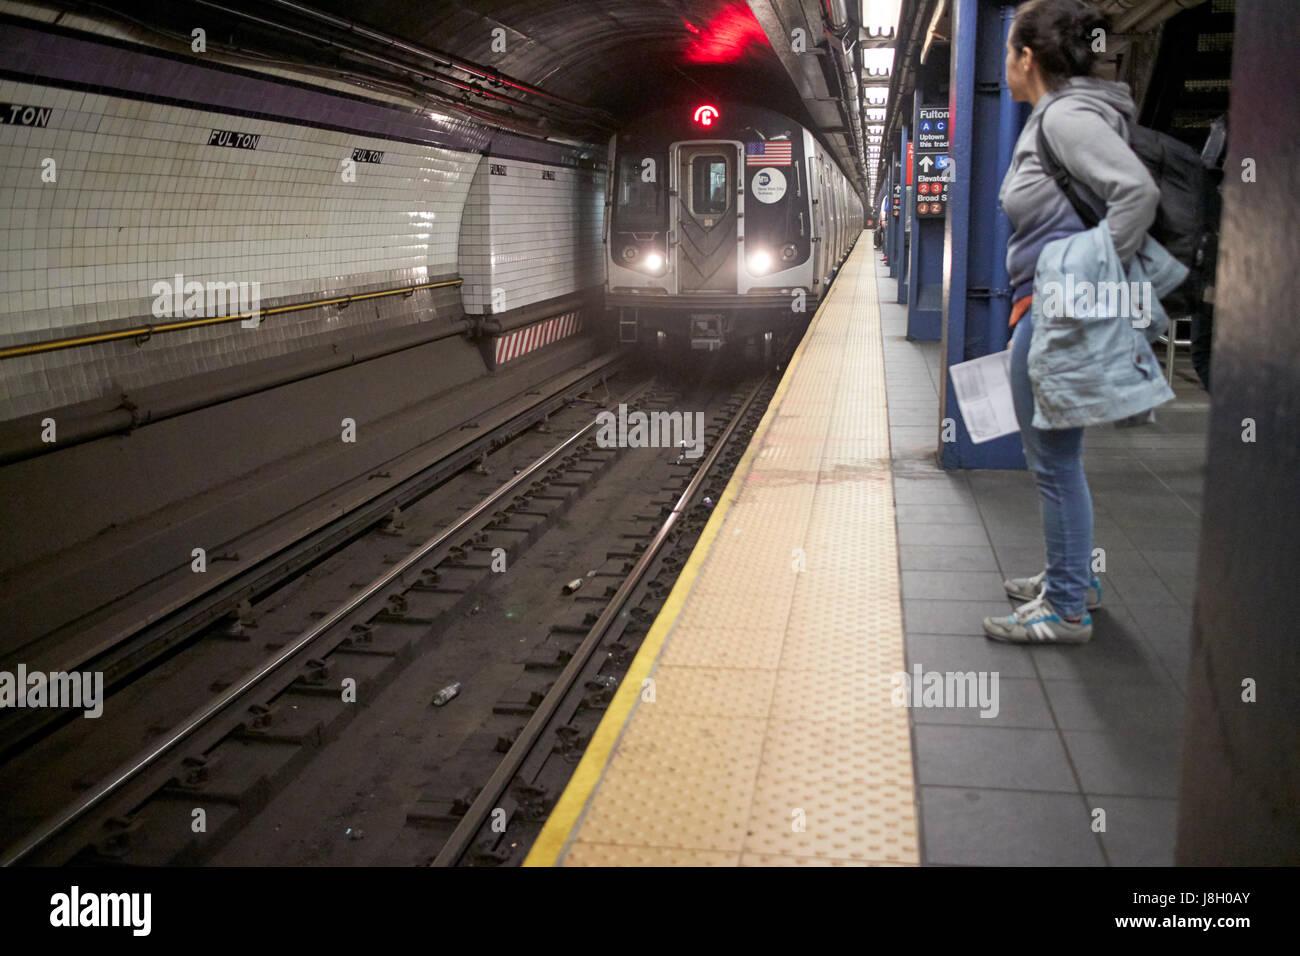 La Ciudad de Nueva York metro acercándose a la plataforma de la estación fulton manhattan EE.UU. Imagen De Stock